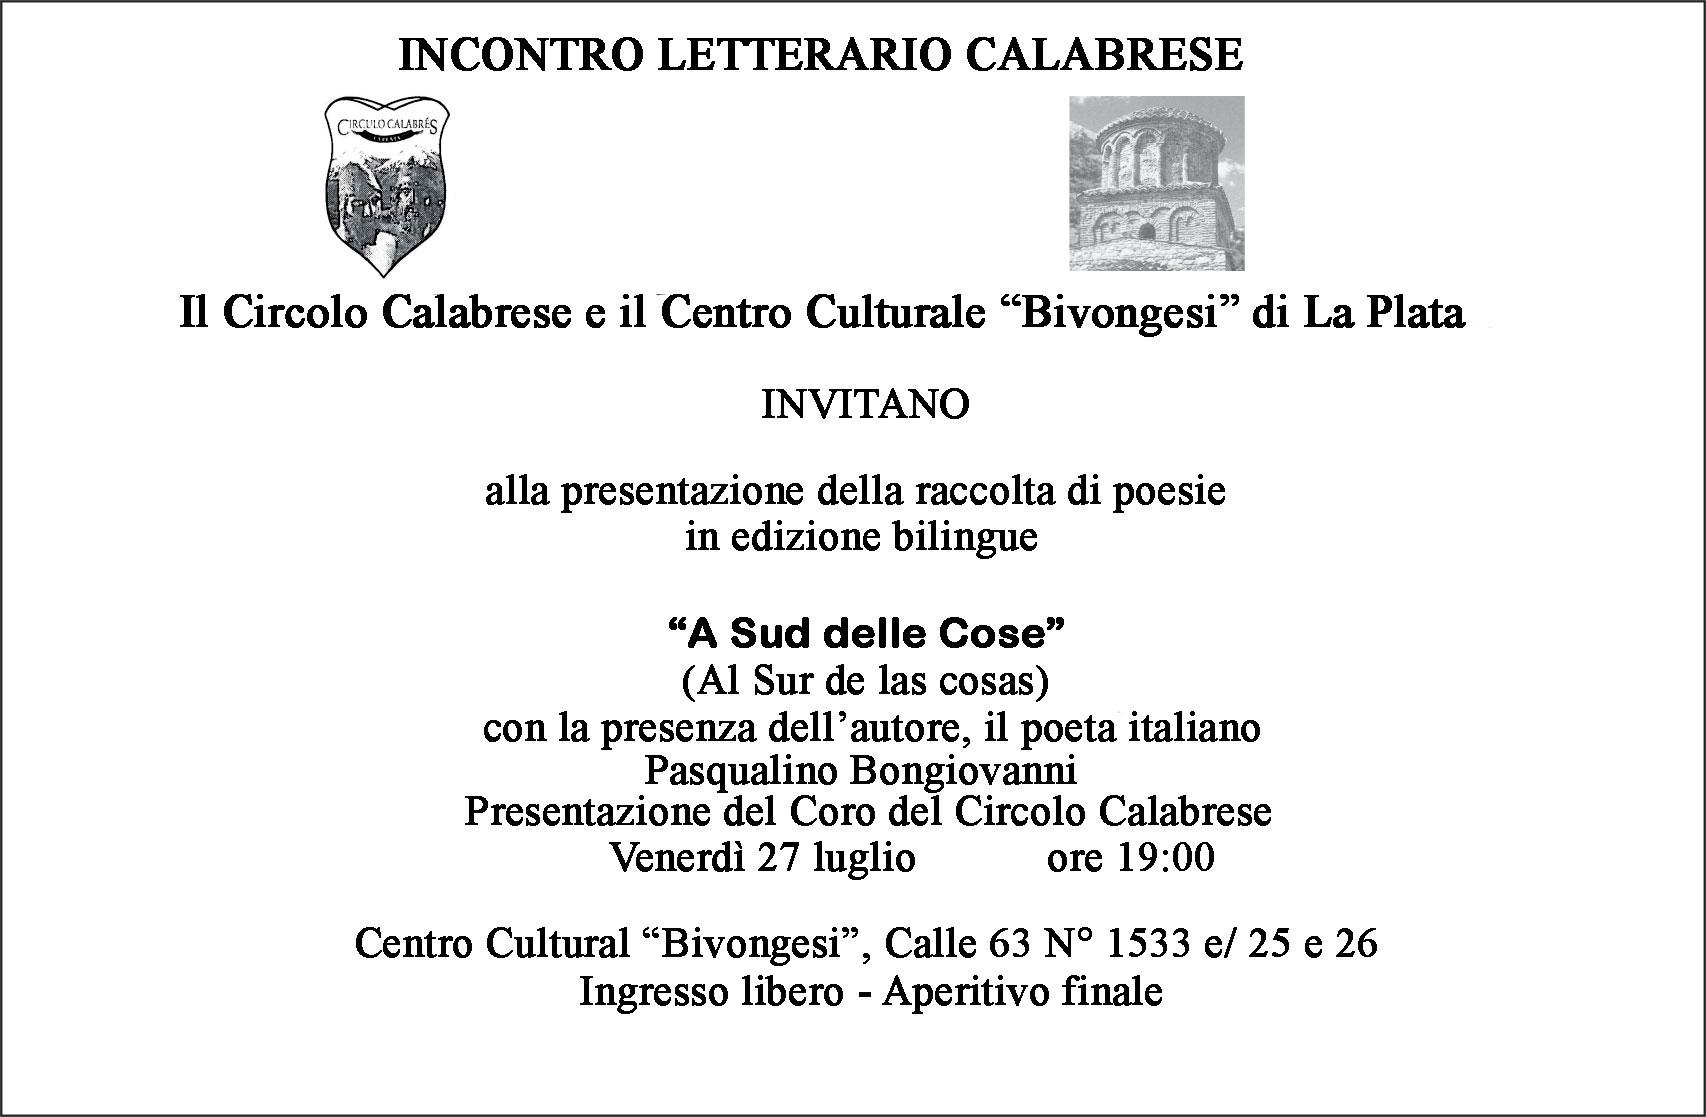 Invito-La-Plata-ITA